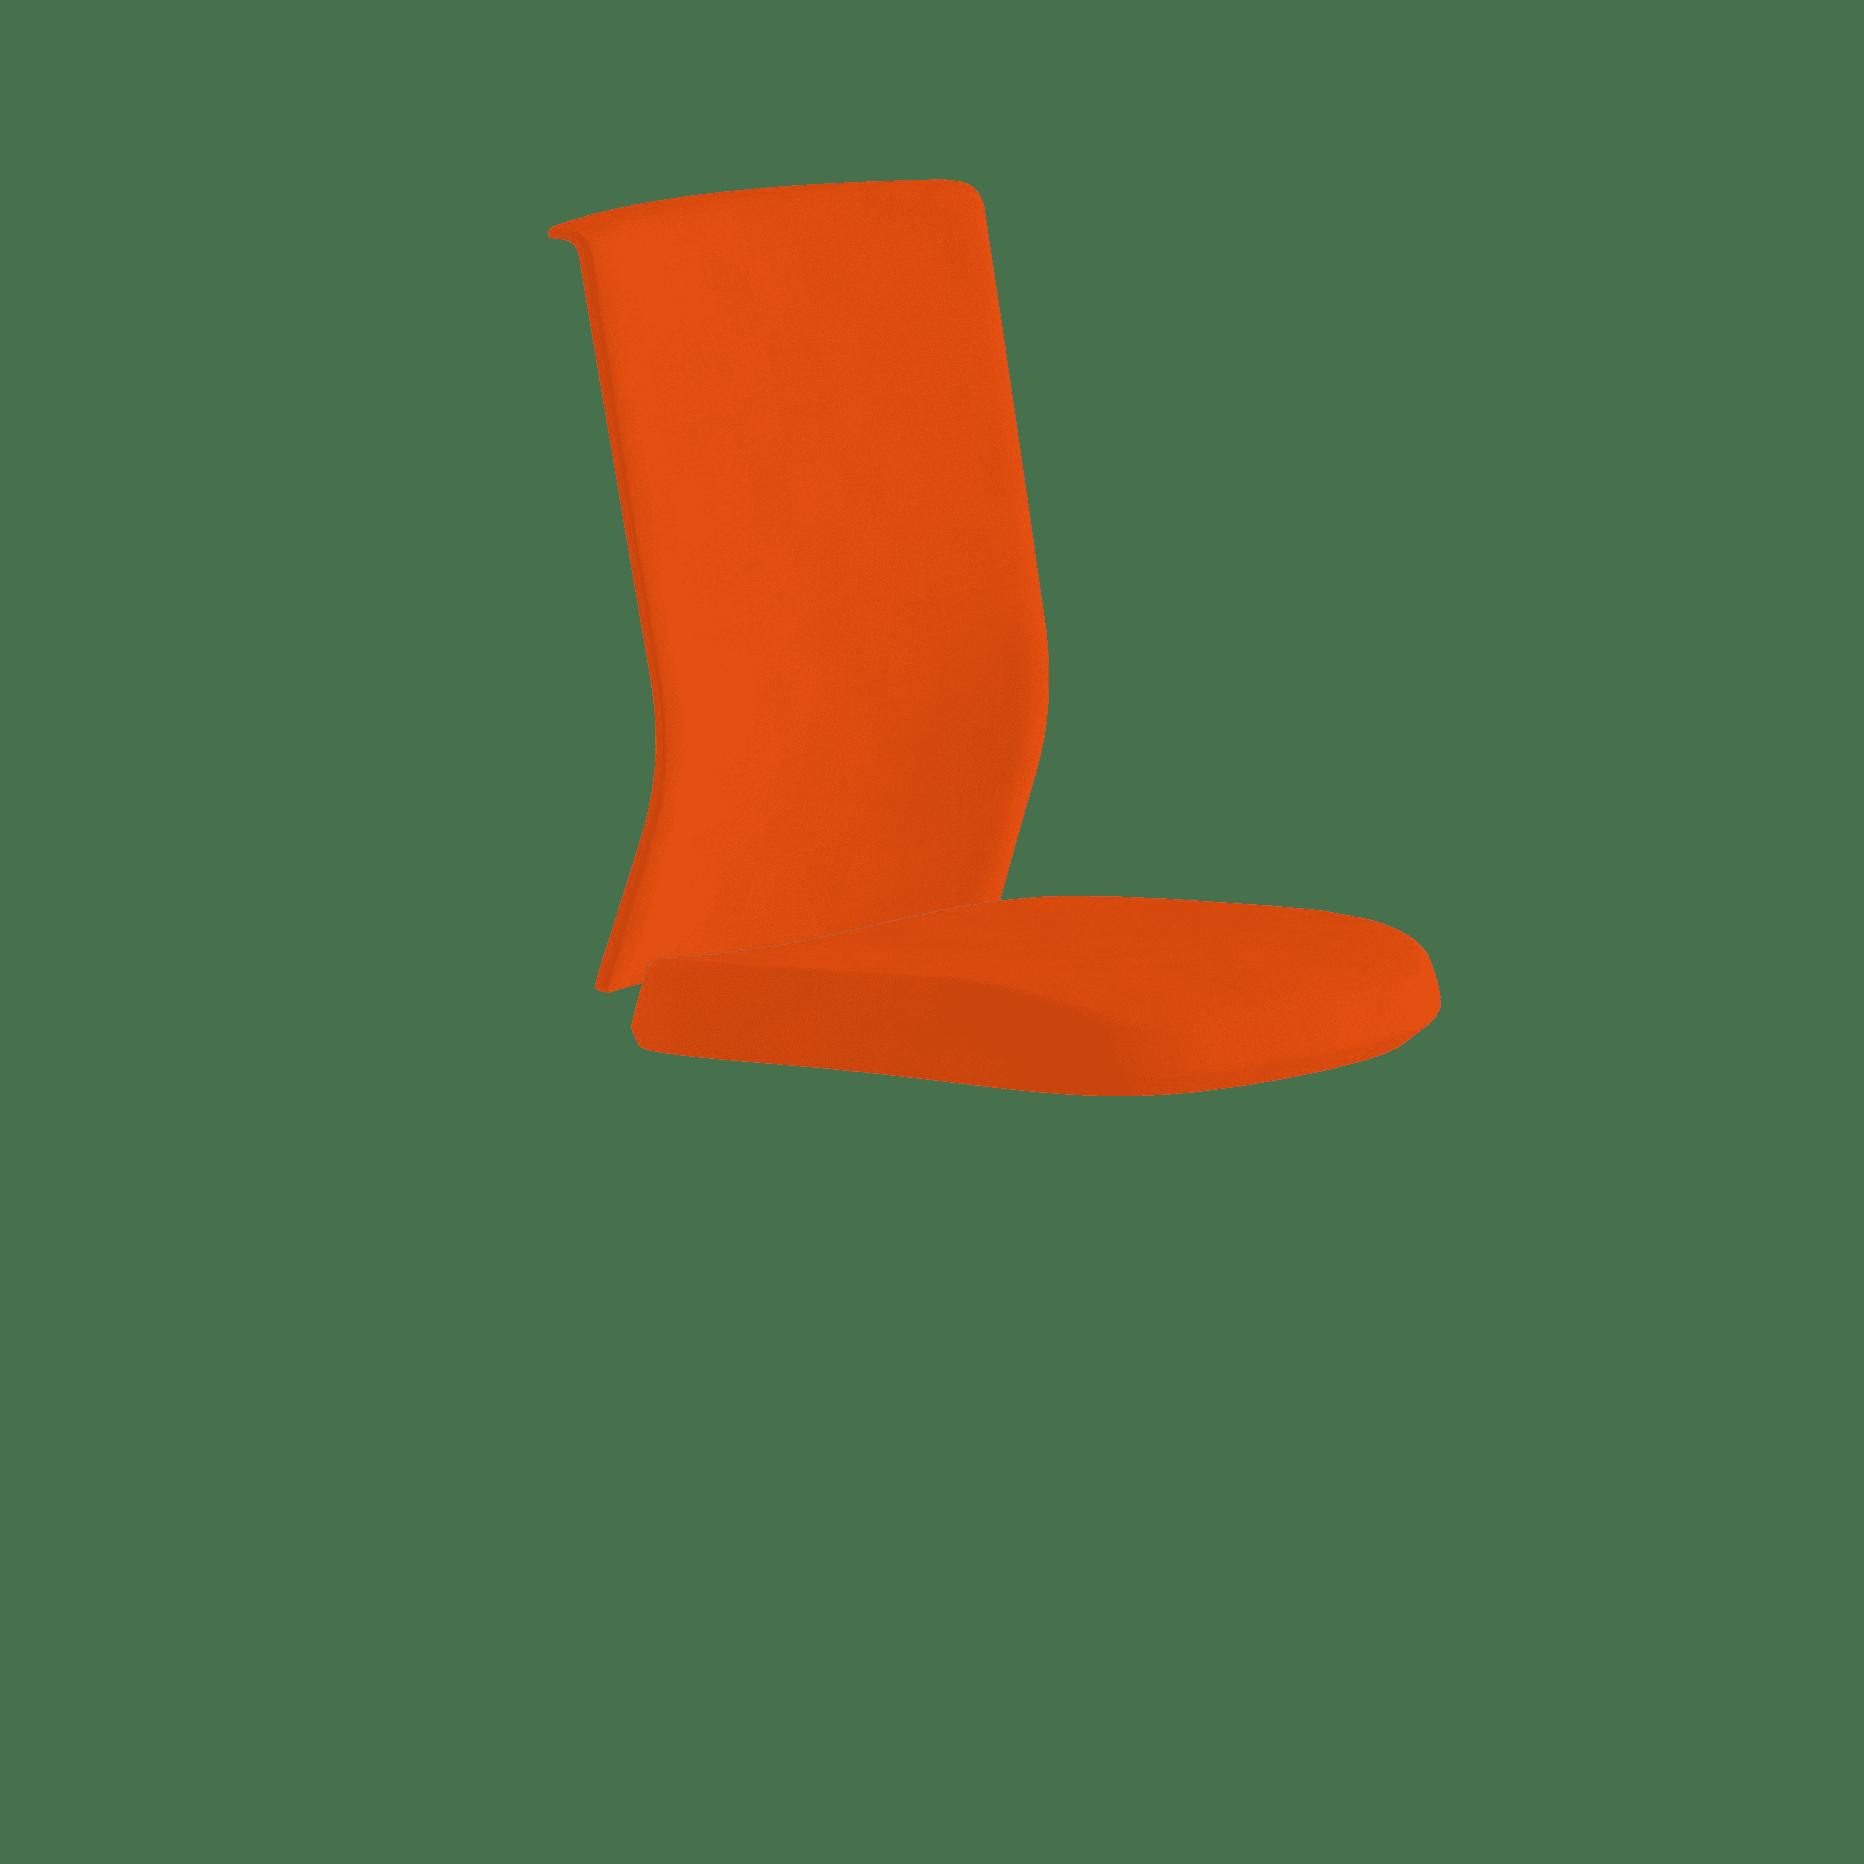 Silla Stay de Actiu | Ergonómica y cómoda | Muebles de oficina Spacio